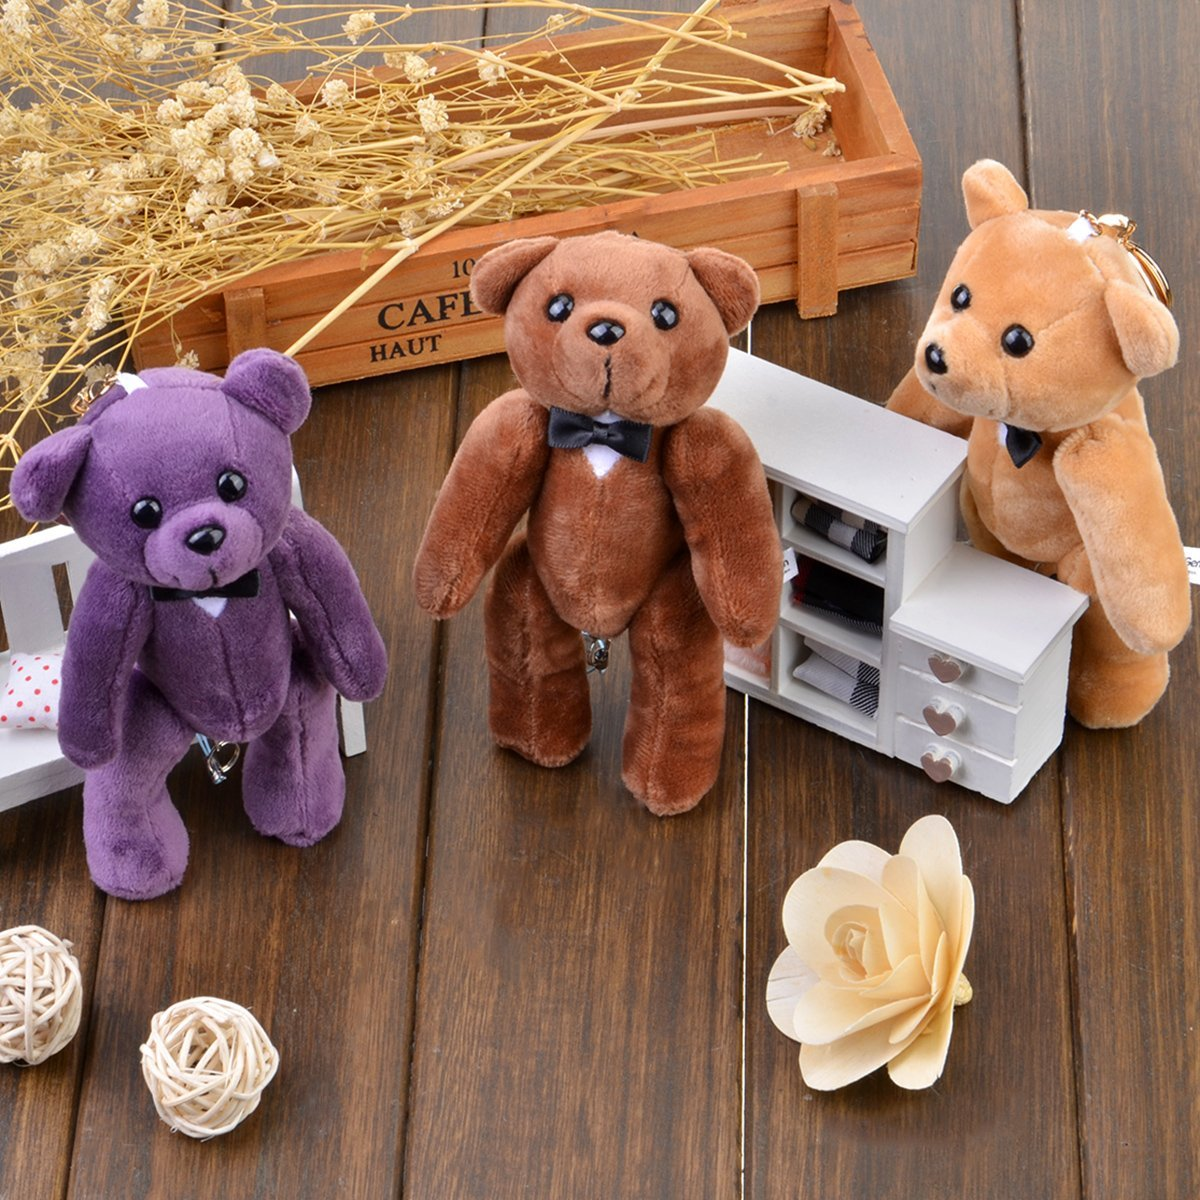 Bố mẹ hãy sắm cho trẻ nhỏ gấu bông báo động chống xâm hại tình dục ngay từ bây giờ - Ảnh 4.